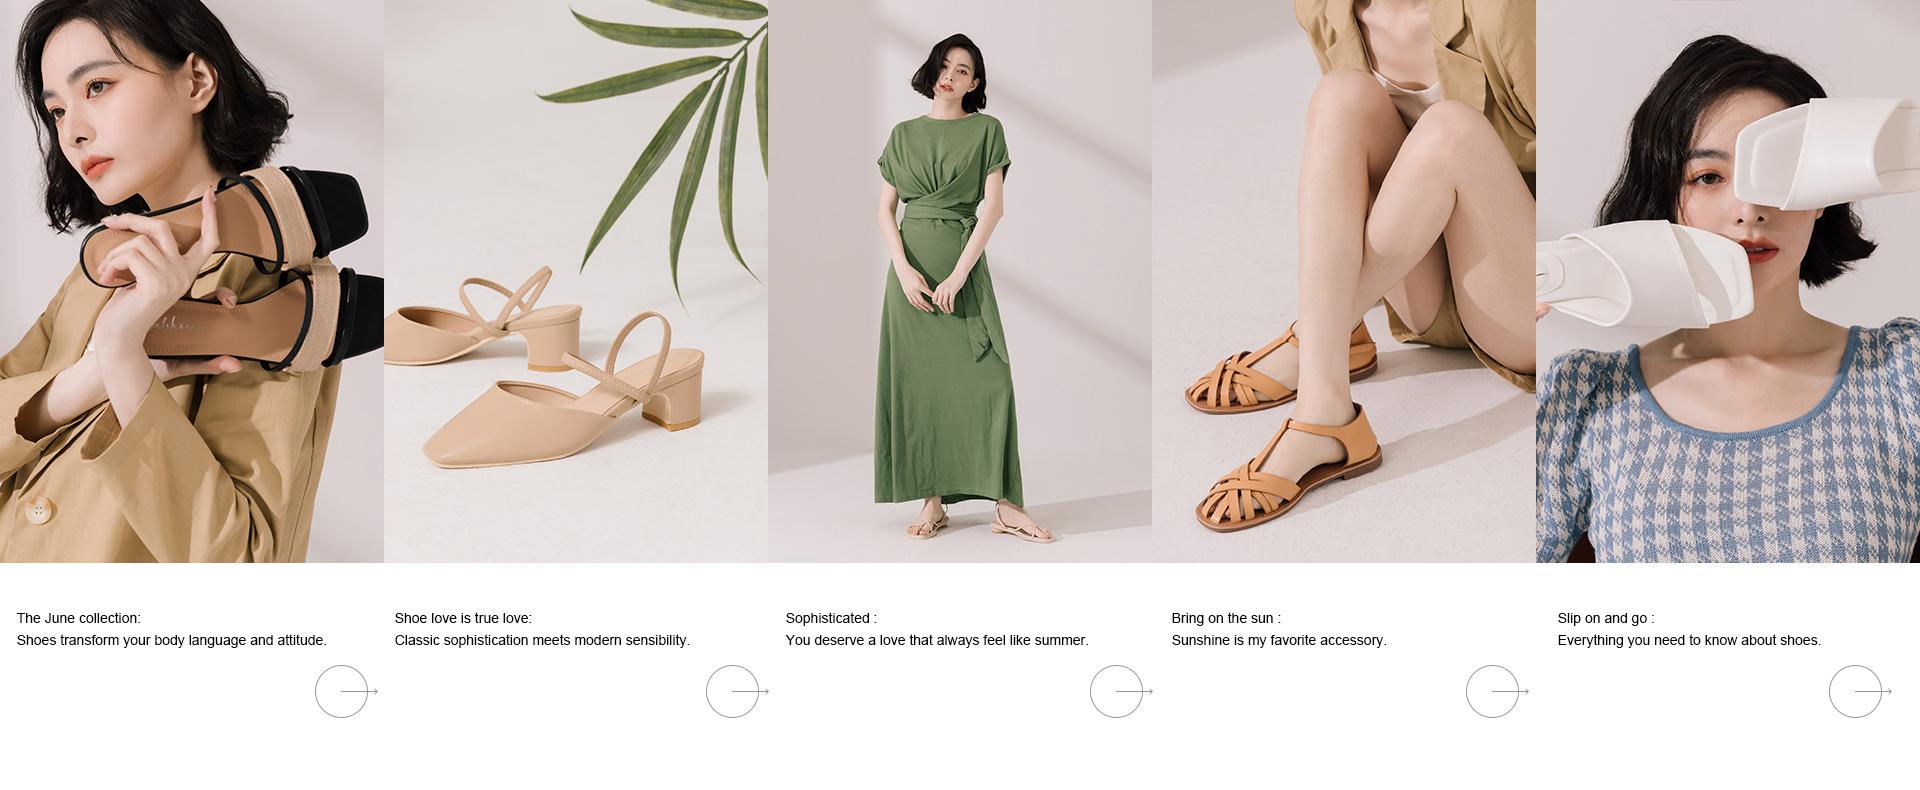 夏天流行女鞋5折起 涼鞋 拖鞋 涼拖鞋 後空鞋 編織鞋 WFH鞋款推薦50%OFF